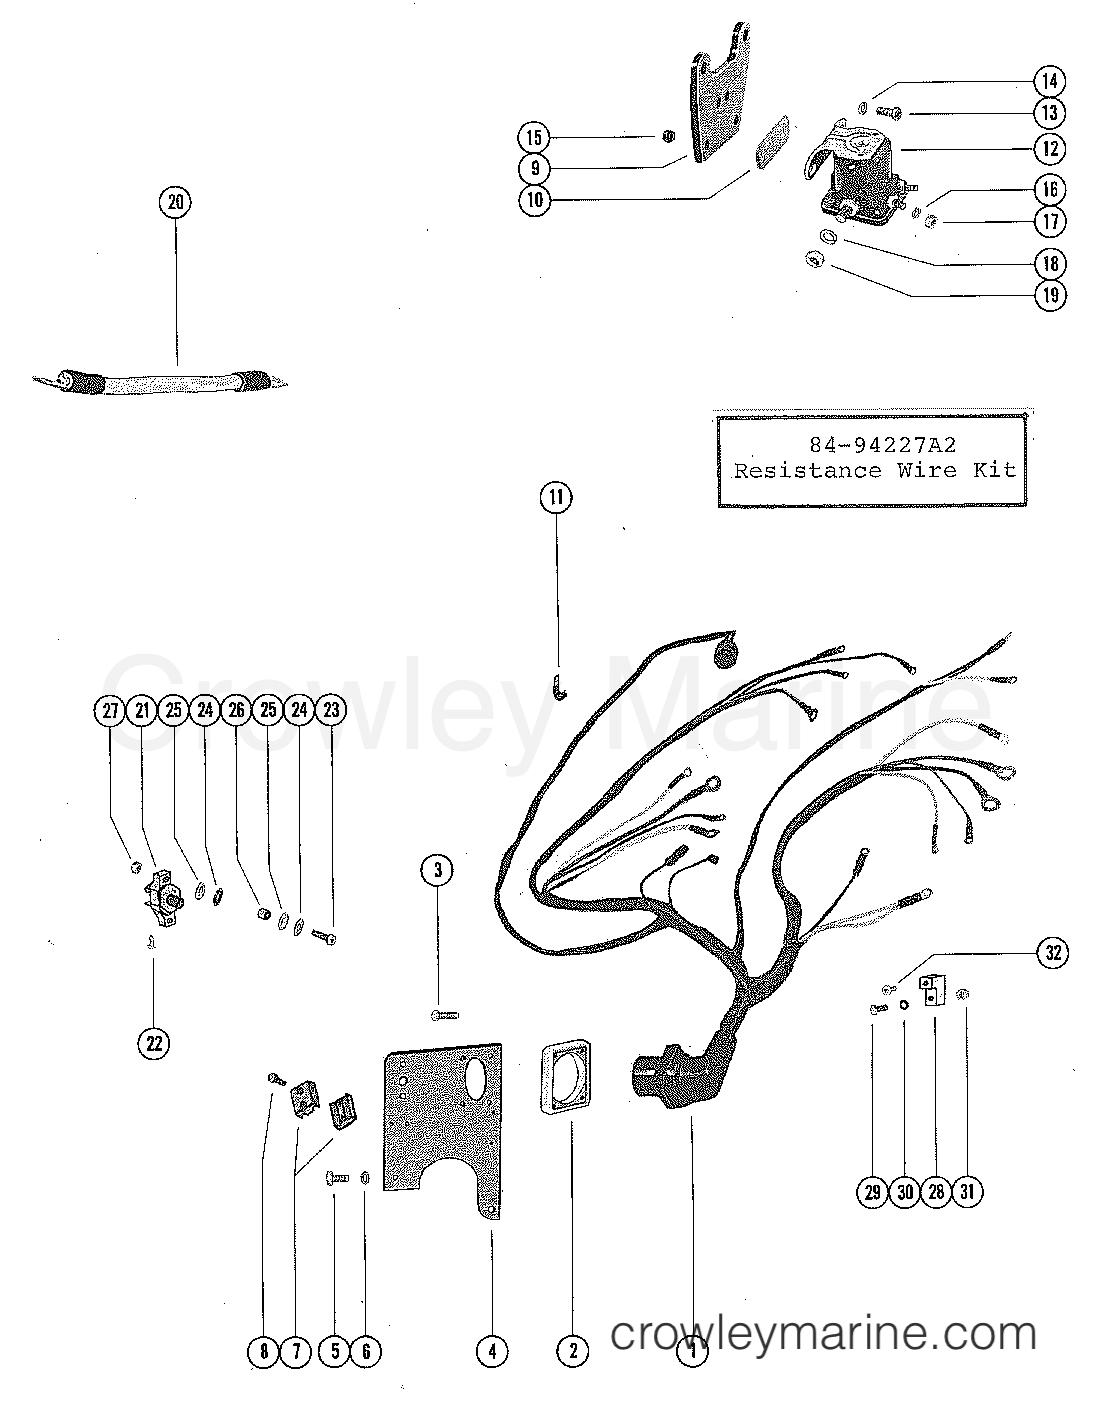 Wiring Harness Circuit Breaker And Starter Solenoid Stern Serial Mercruiser Plug Range 255 Ford 351 V 8 1973 1974 3258728 Thru 4175499